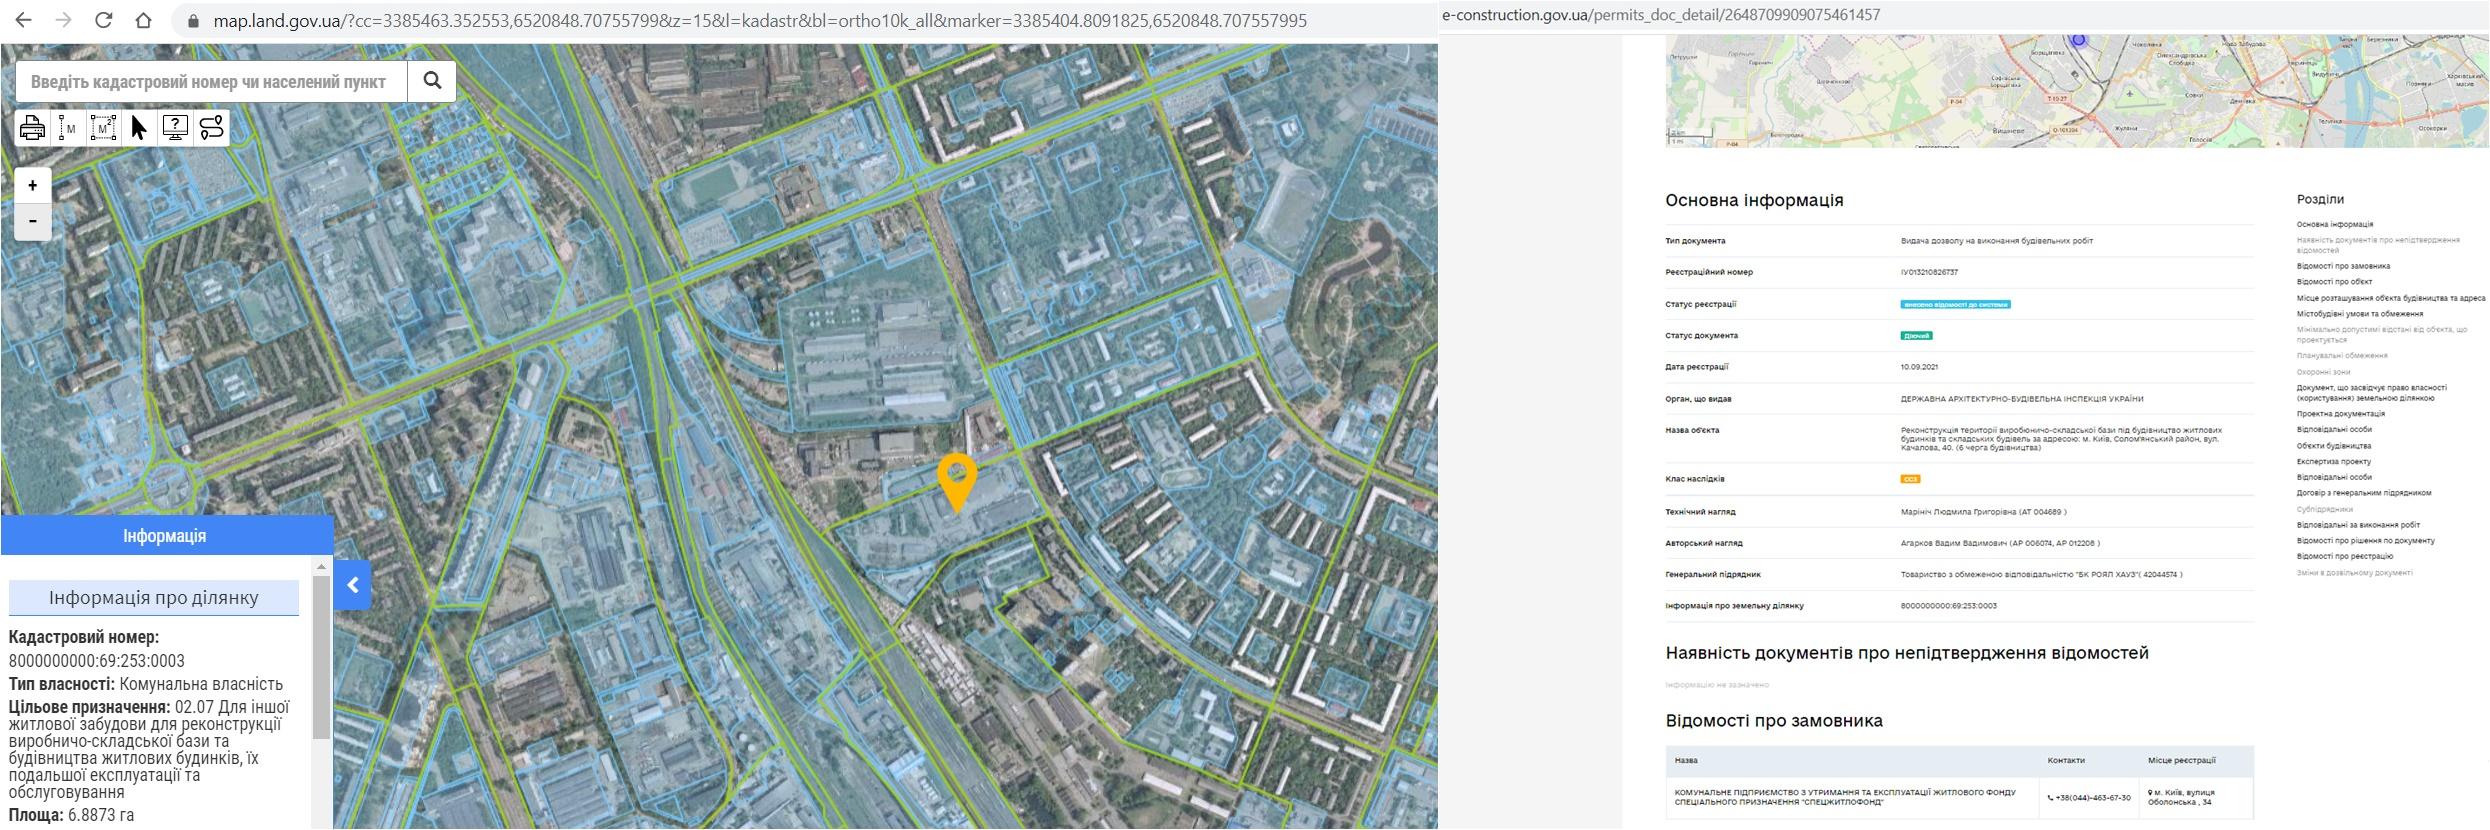 Новая очередь ЖК Ридне Мисто данные кадастра и Разрешение в реестре